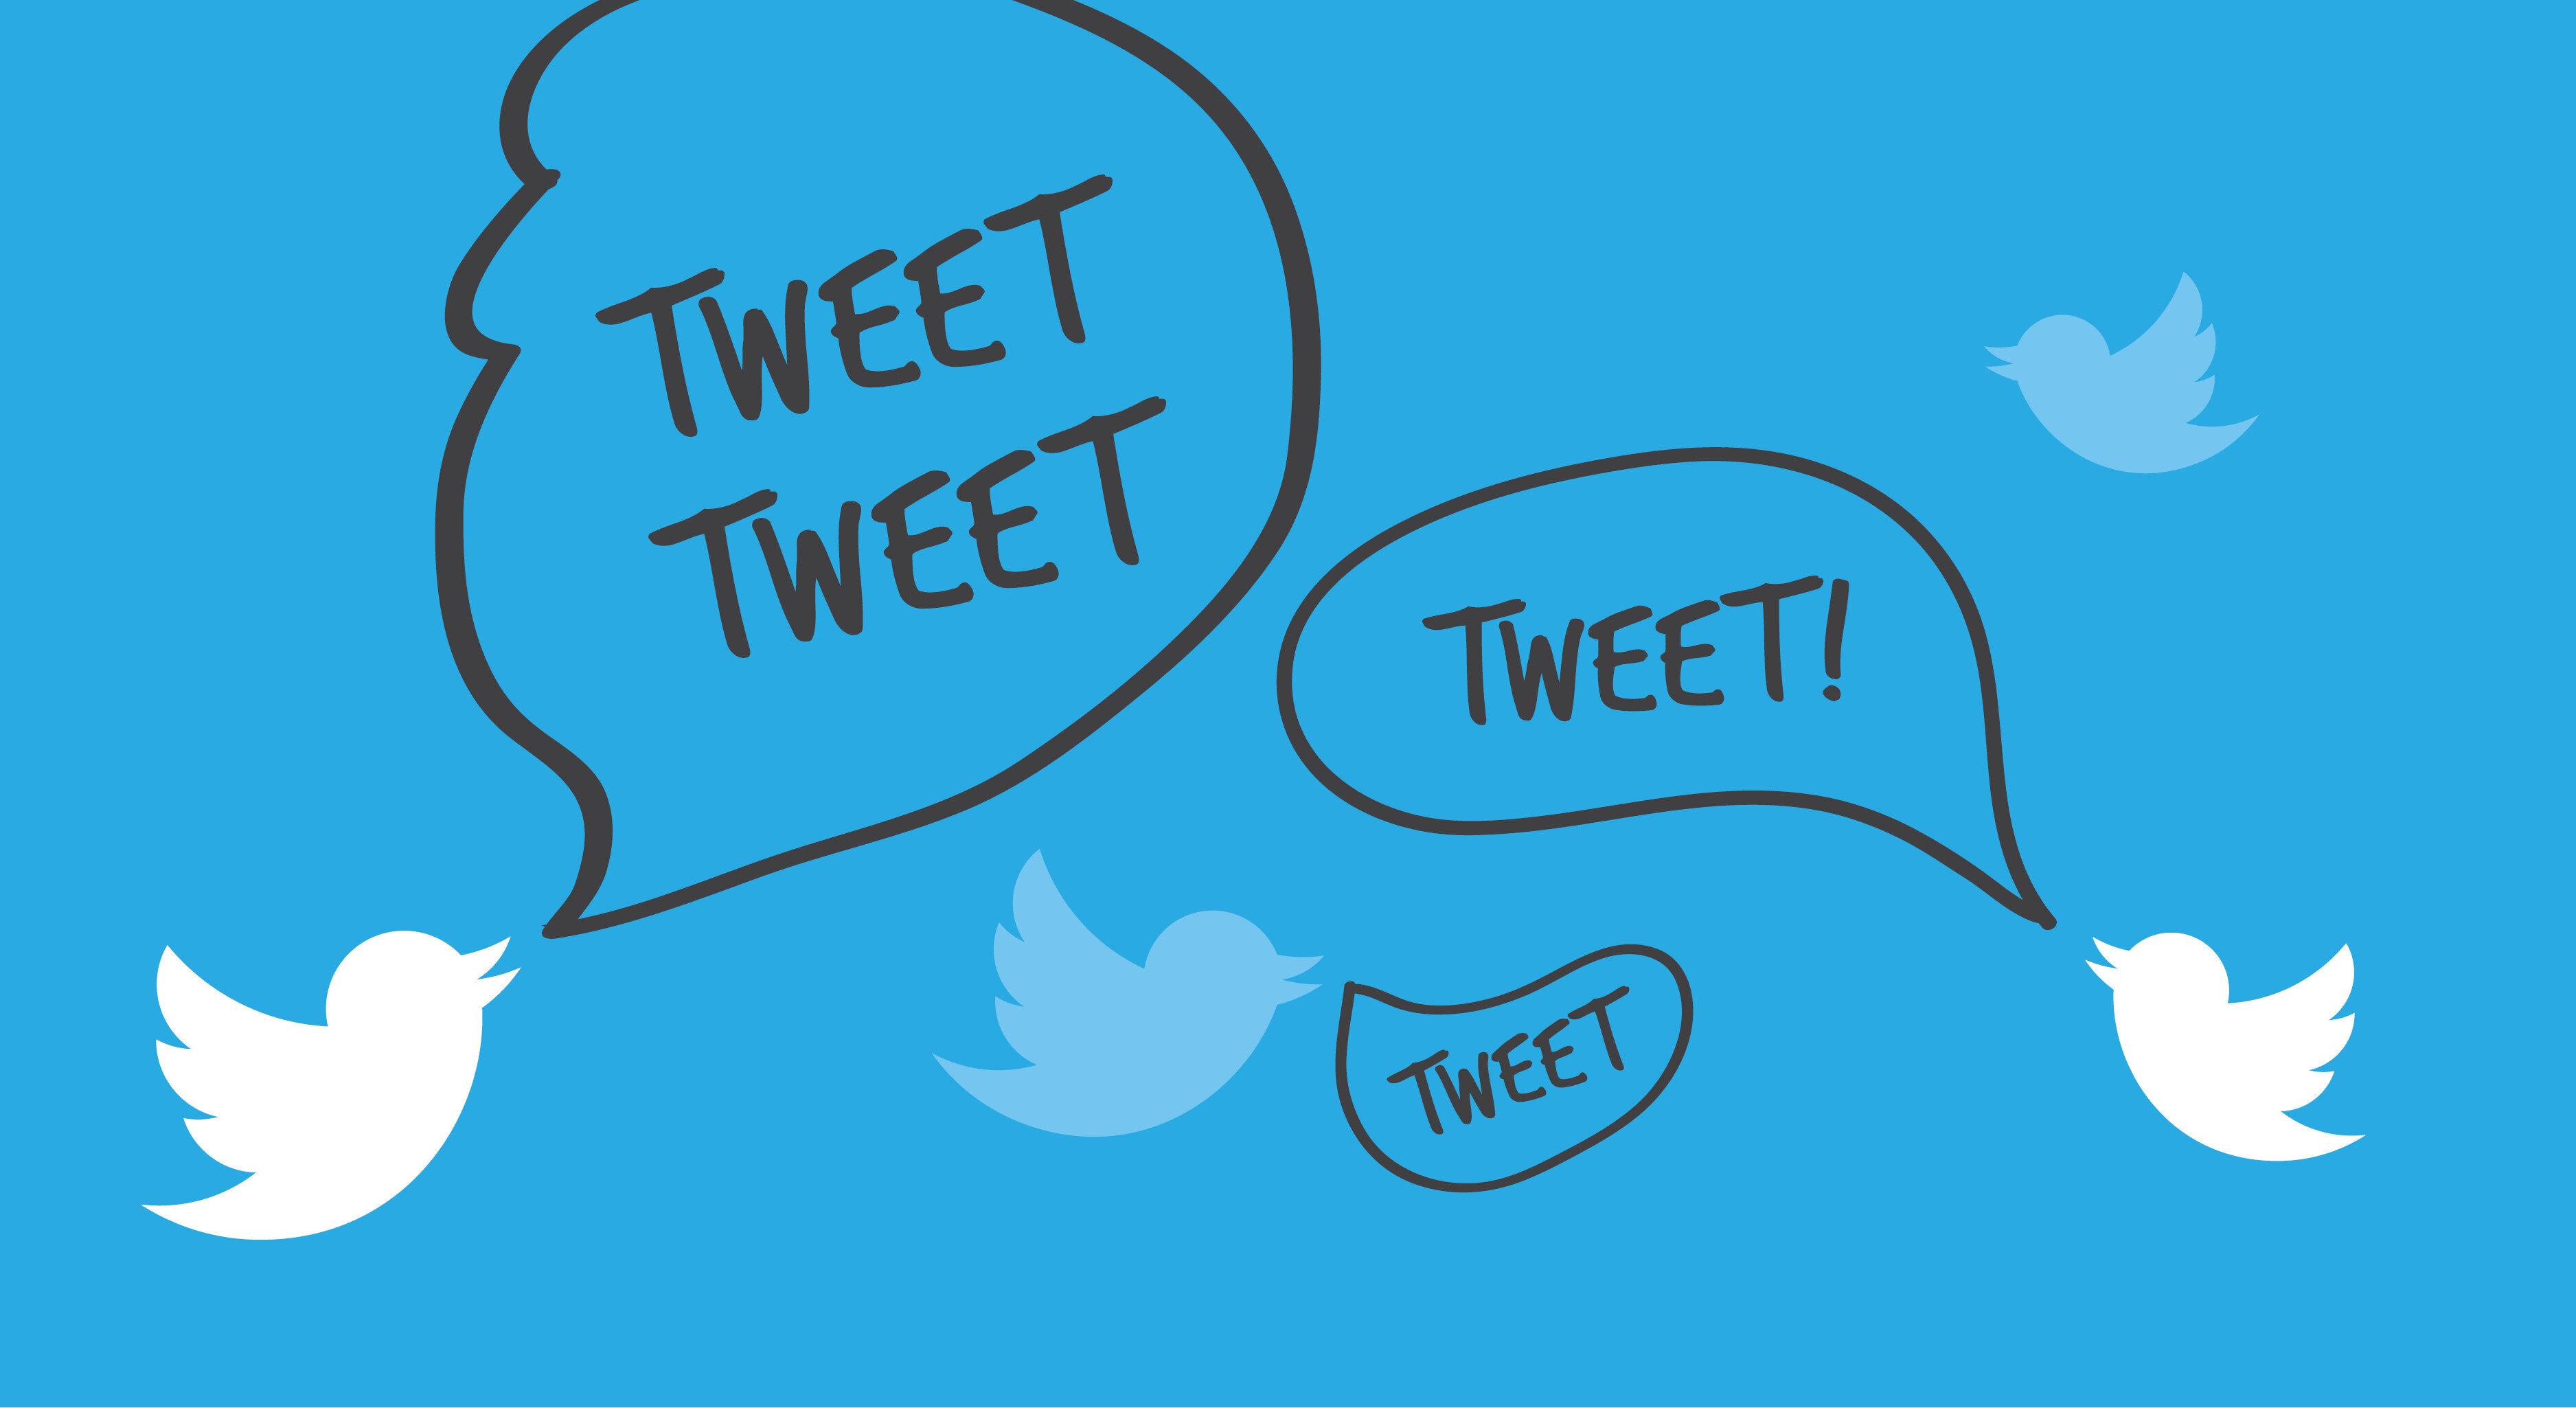 Veriler bir Twitter hesabı üzerinden internete sızdırılmaya çalışıldı.